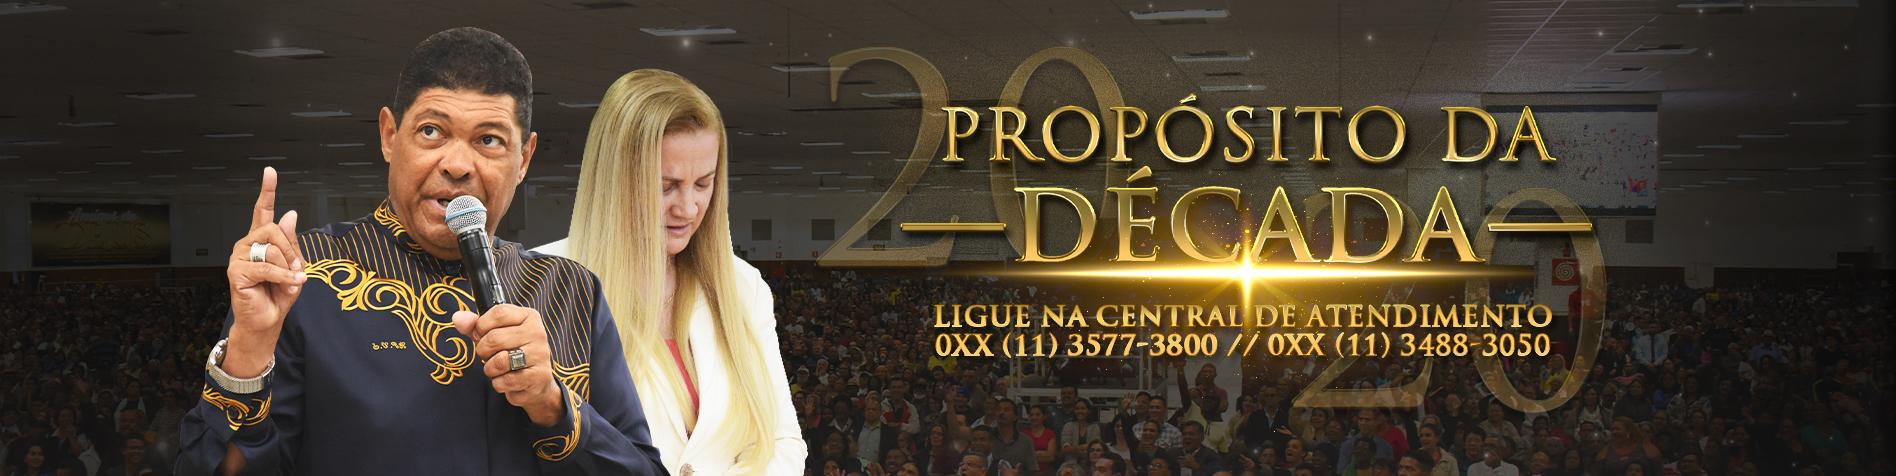 Propósito da Década // Ap. Valdemiro e Bpa Franciléia